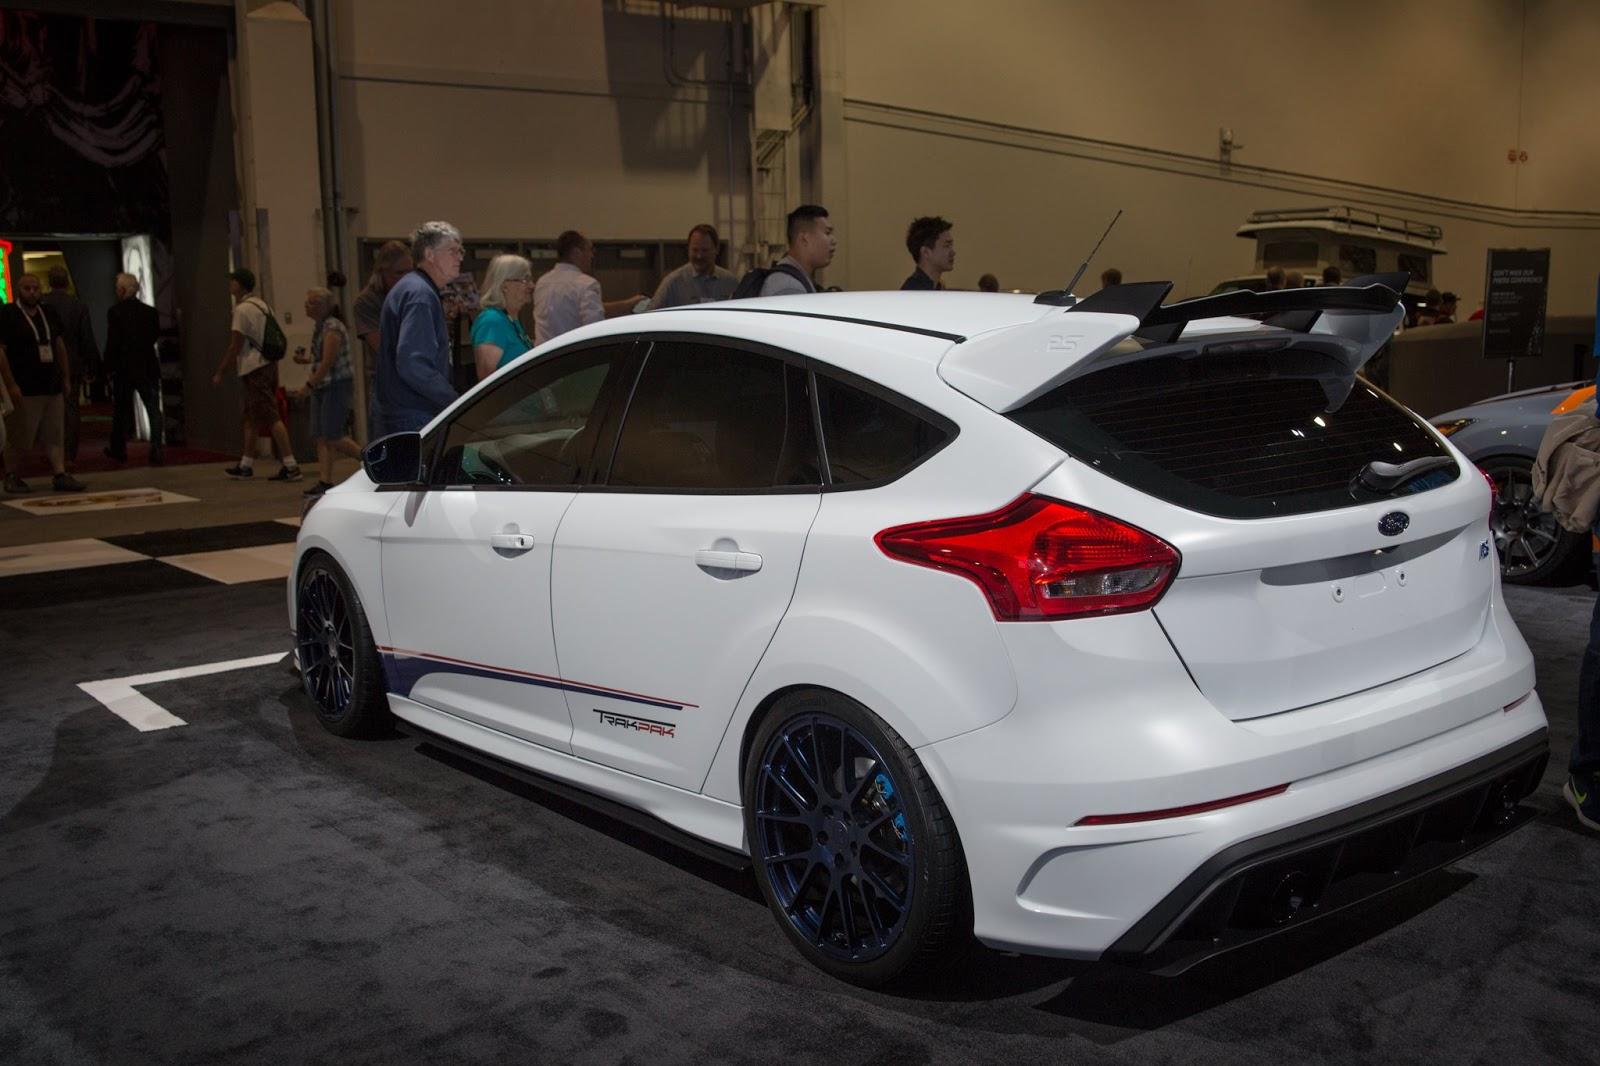 Ford Focus RS Roush Performance con 500 CV: Comienzan a llegar las preparaciones más extremas 2